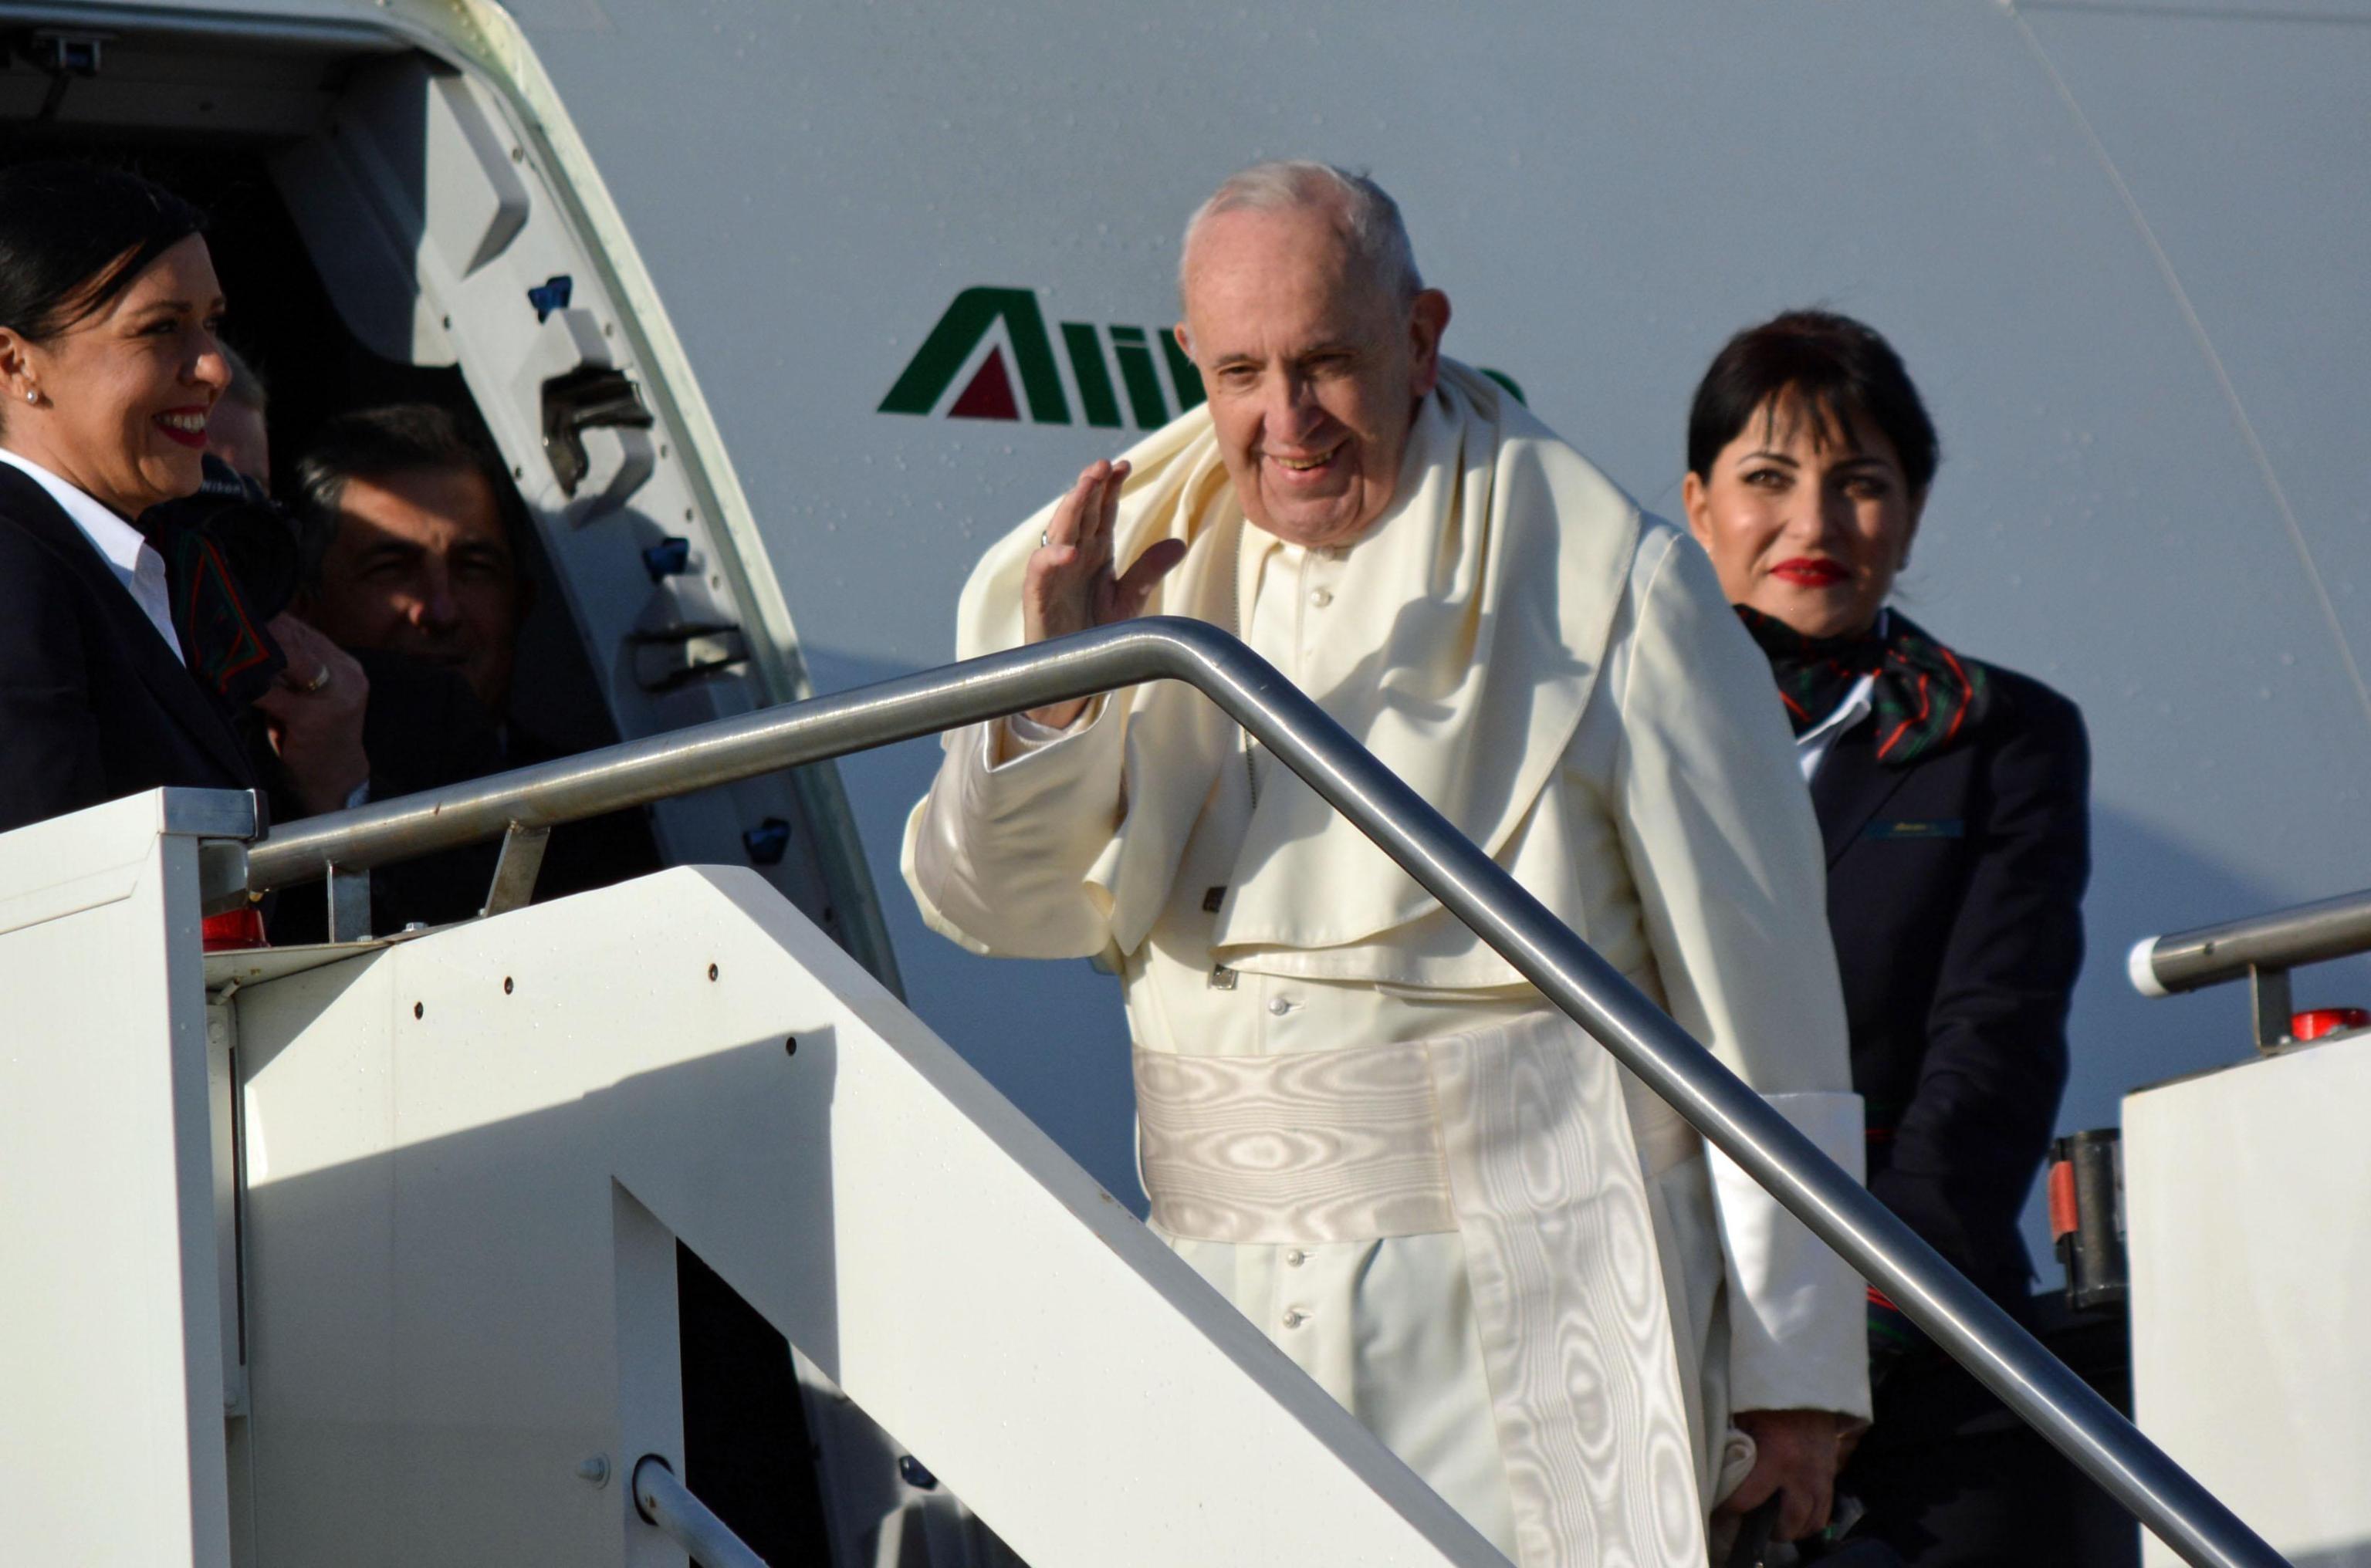 Il Santo Padre atterrerà questa sera a Panama, dove è atteso da decine di migliaia di persone, provenienti da ogni parte del pianeta